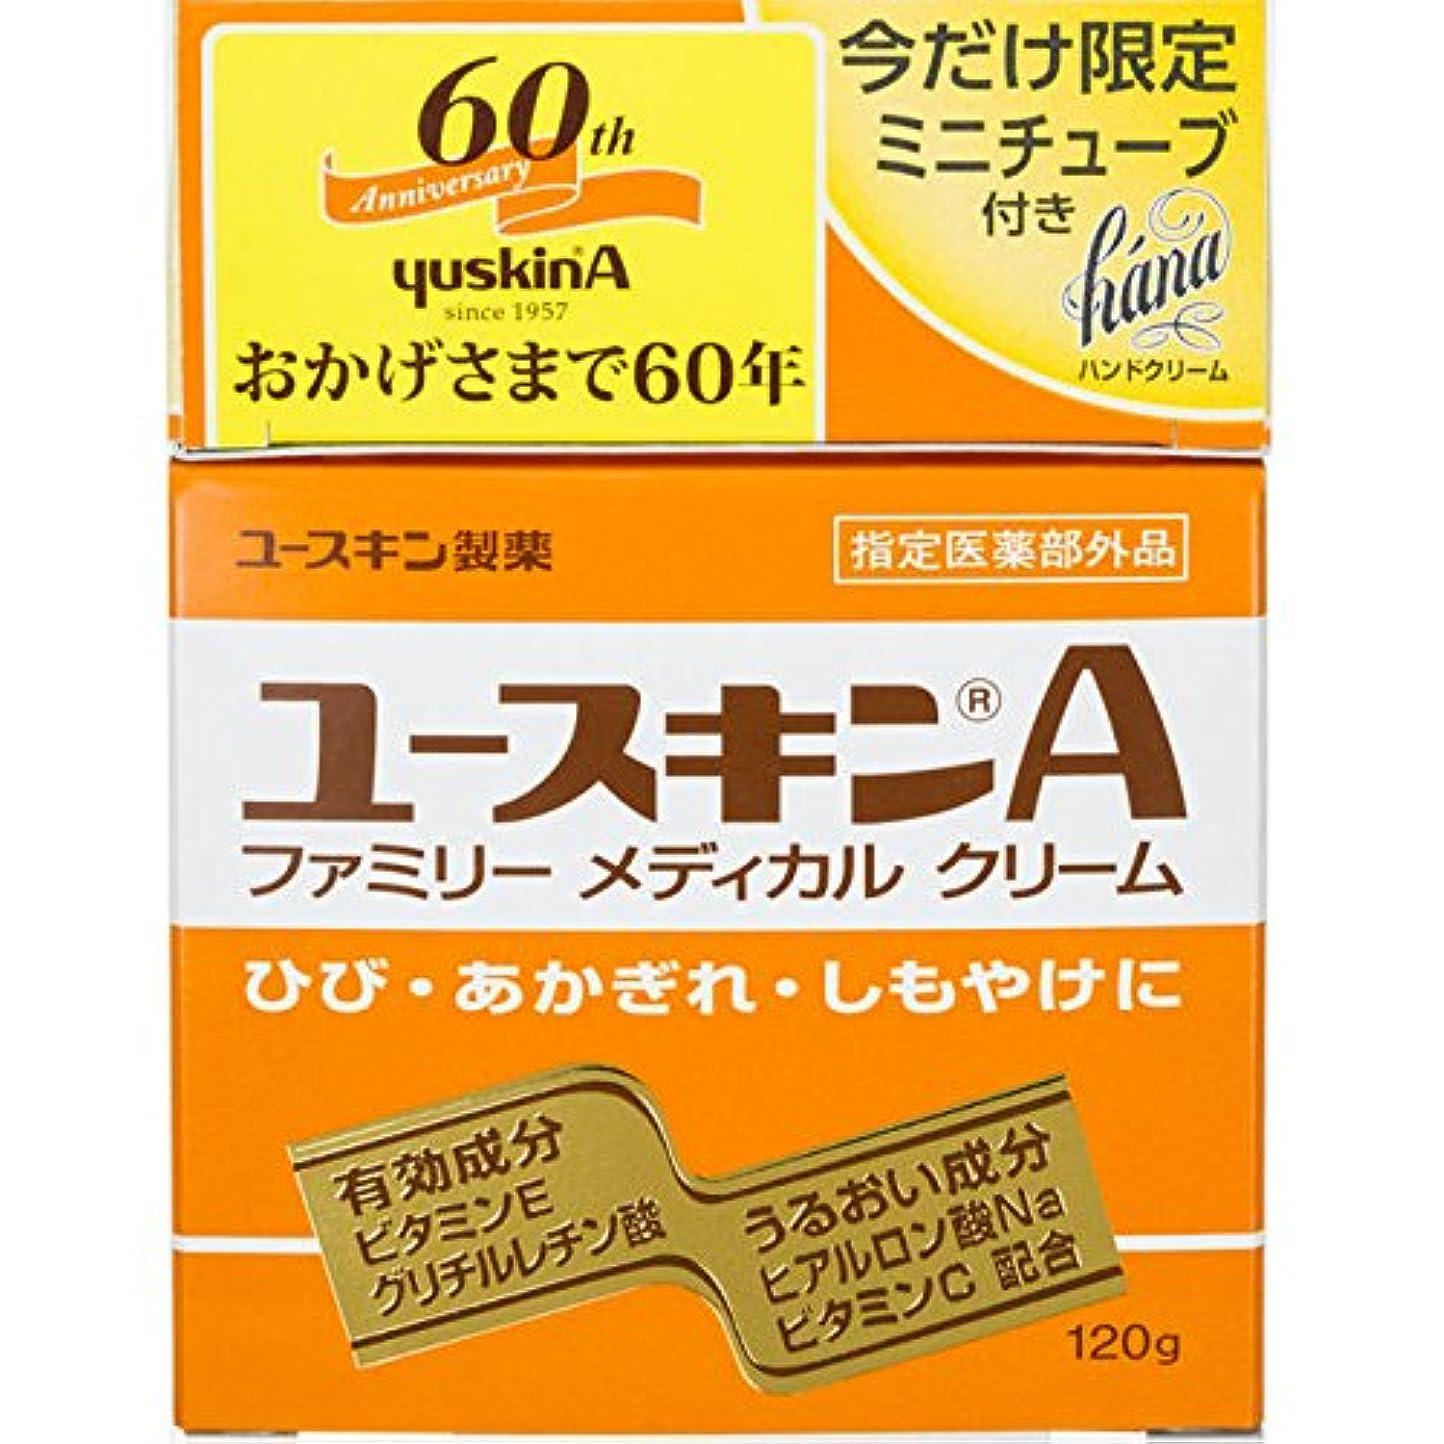 ドナー流行コーンユースキン製薬 サービスパック2017 120g+12g (医薬部外品)